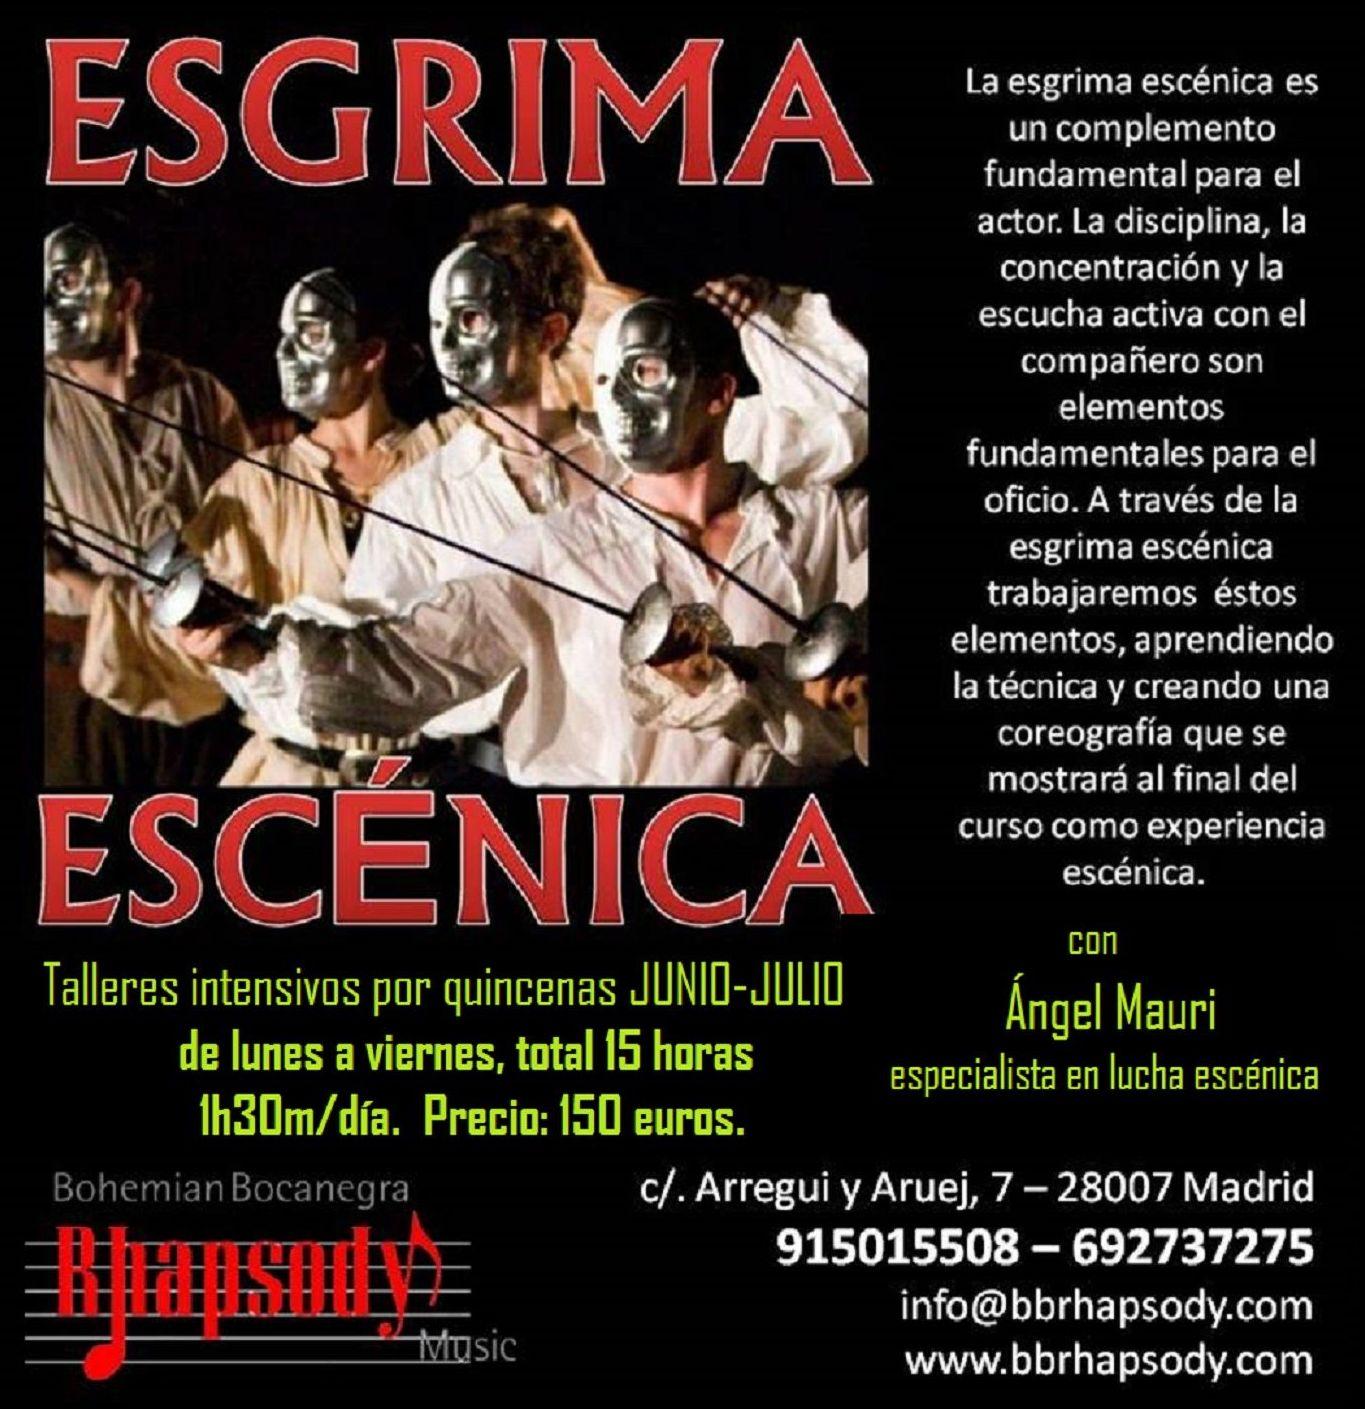 CURSO INTENSIVO de ESGRIMA ESCÉNICA impartido por Ángel Mauri, especialista en lucha escénica.